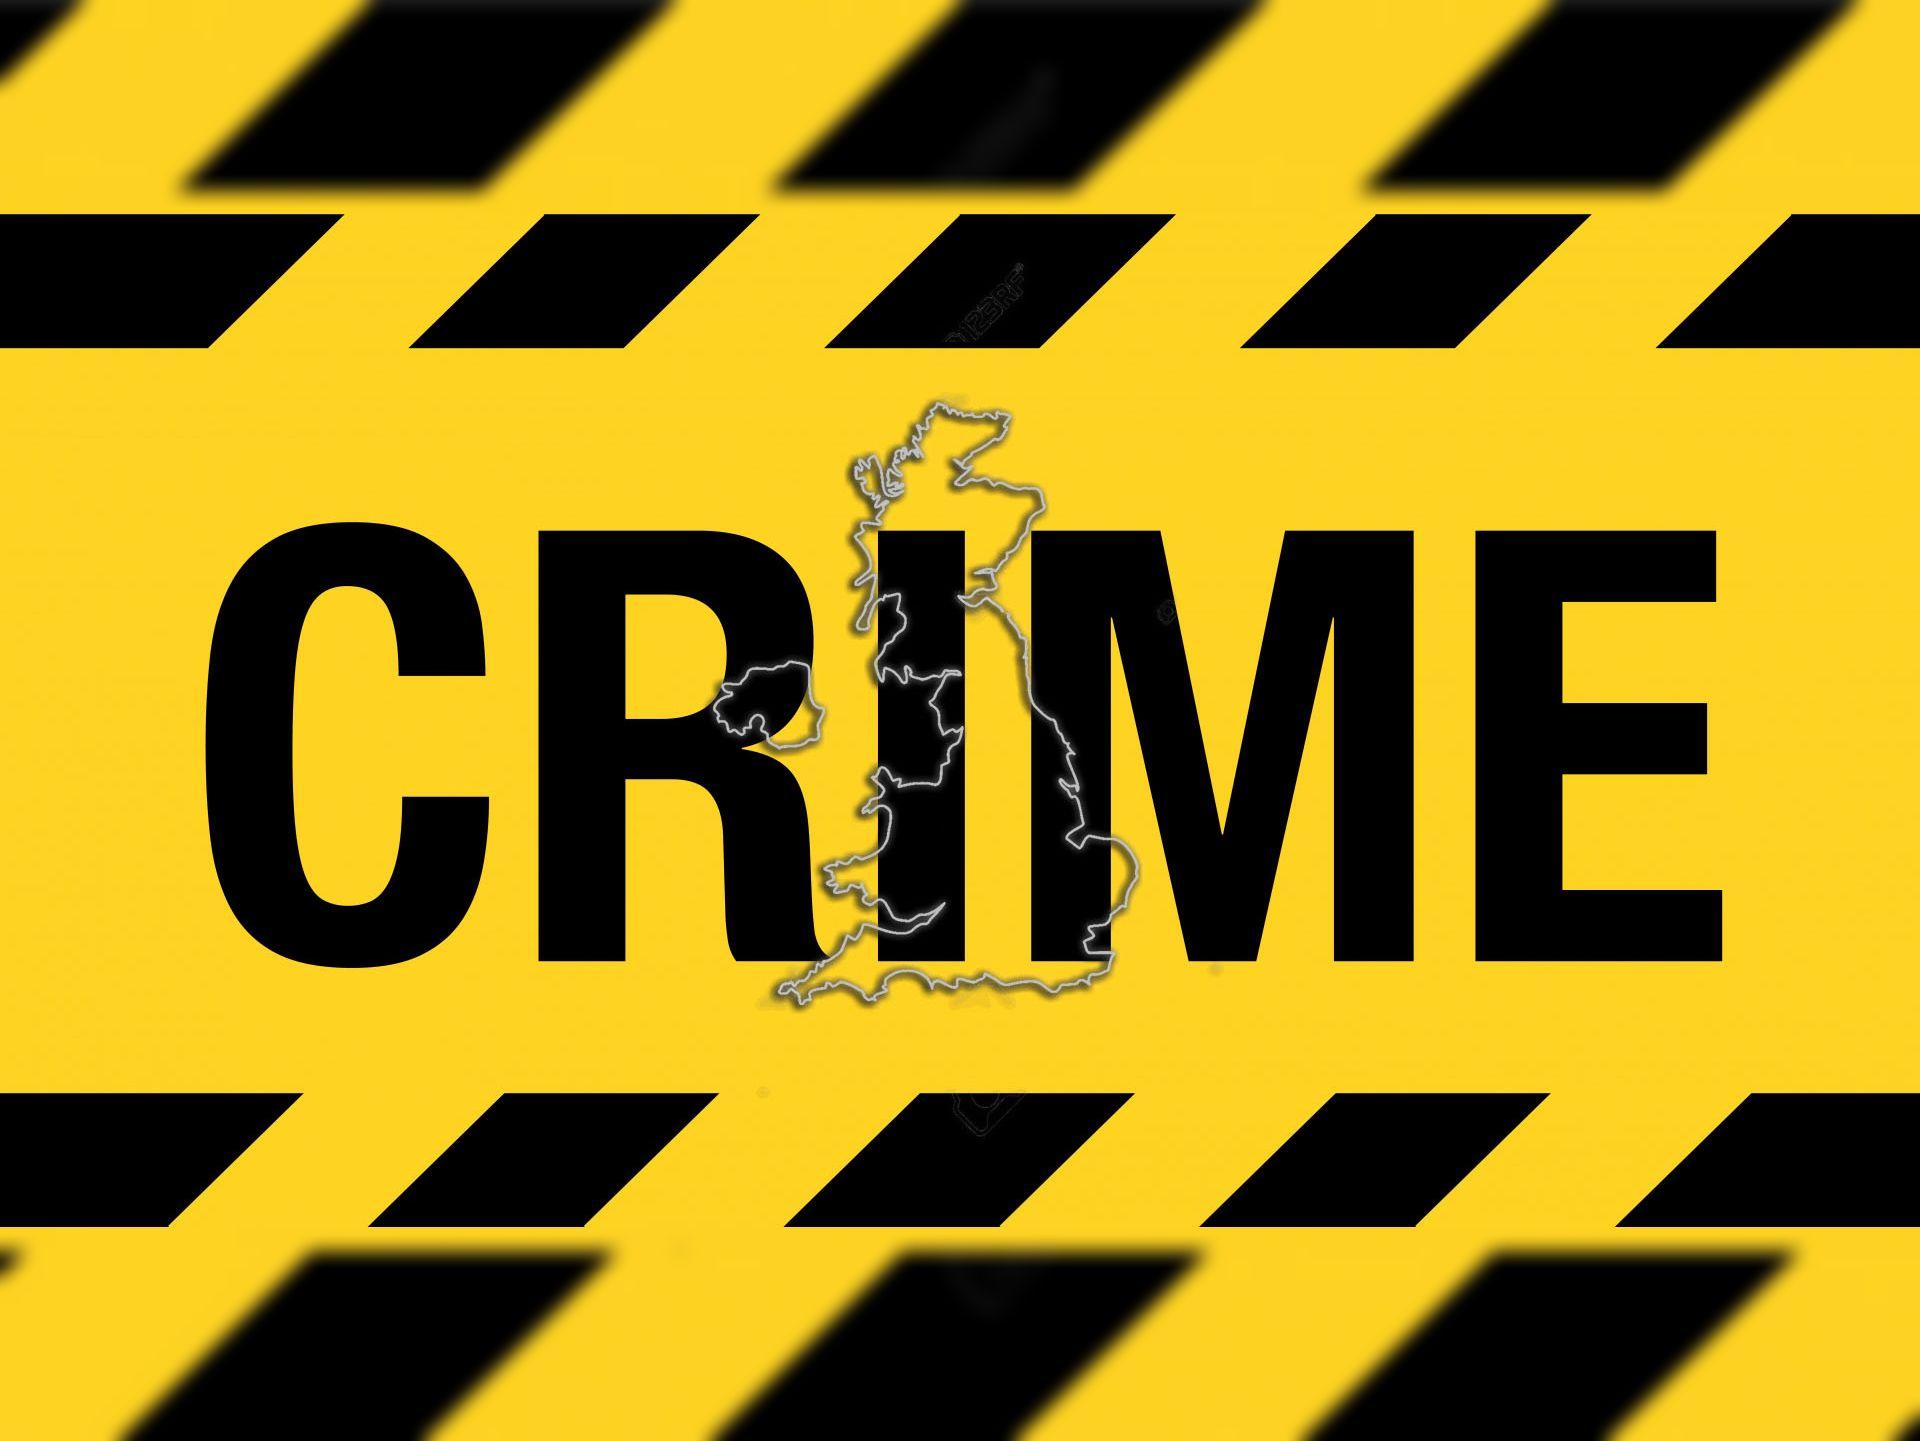 क्राइम:मां के लिव-इन पार्टनर ने, 3 साल के बच्चे को कुकर्म के बाद मार डाला; आरोपी गिरफ्तार 2